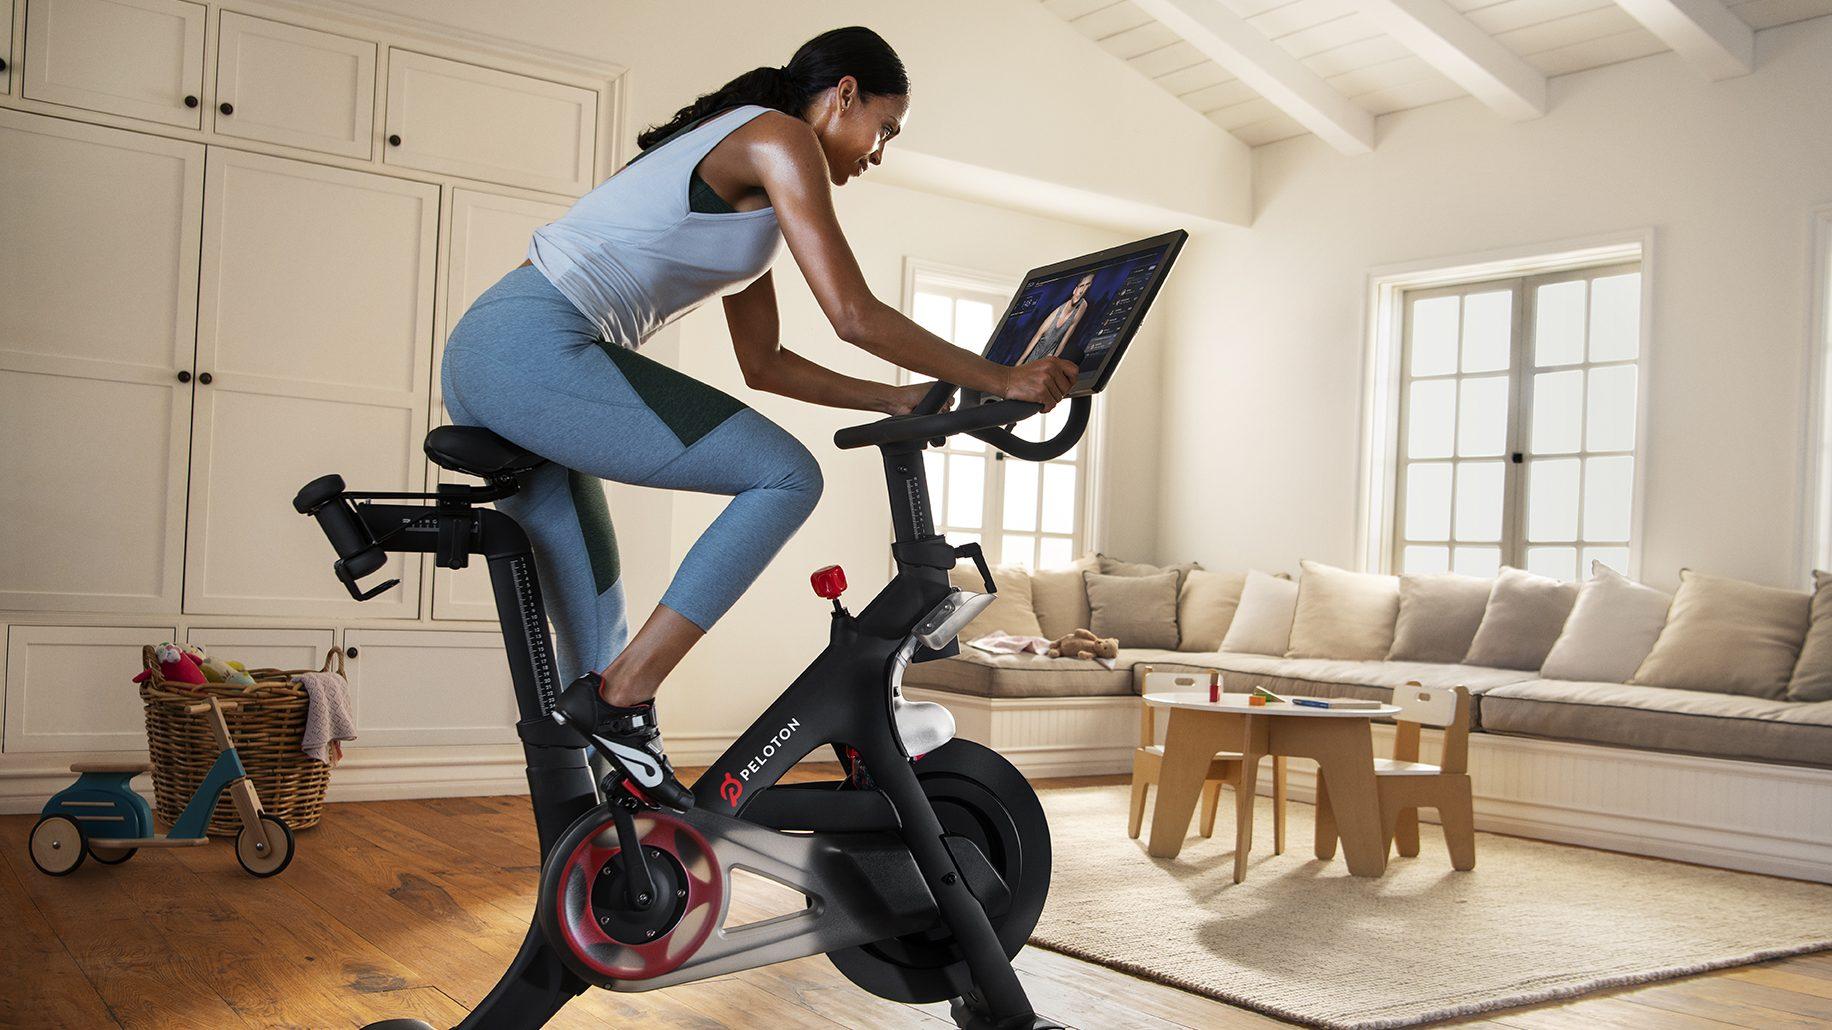 Woman on Peloton exercise bike.